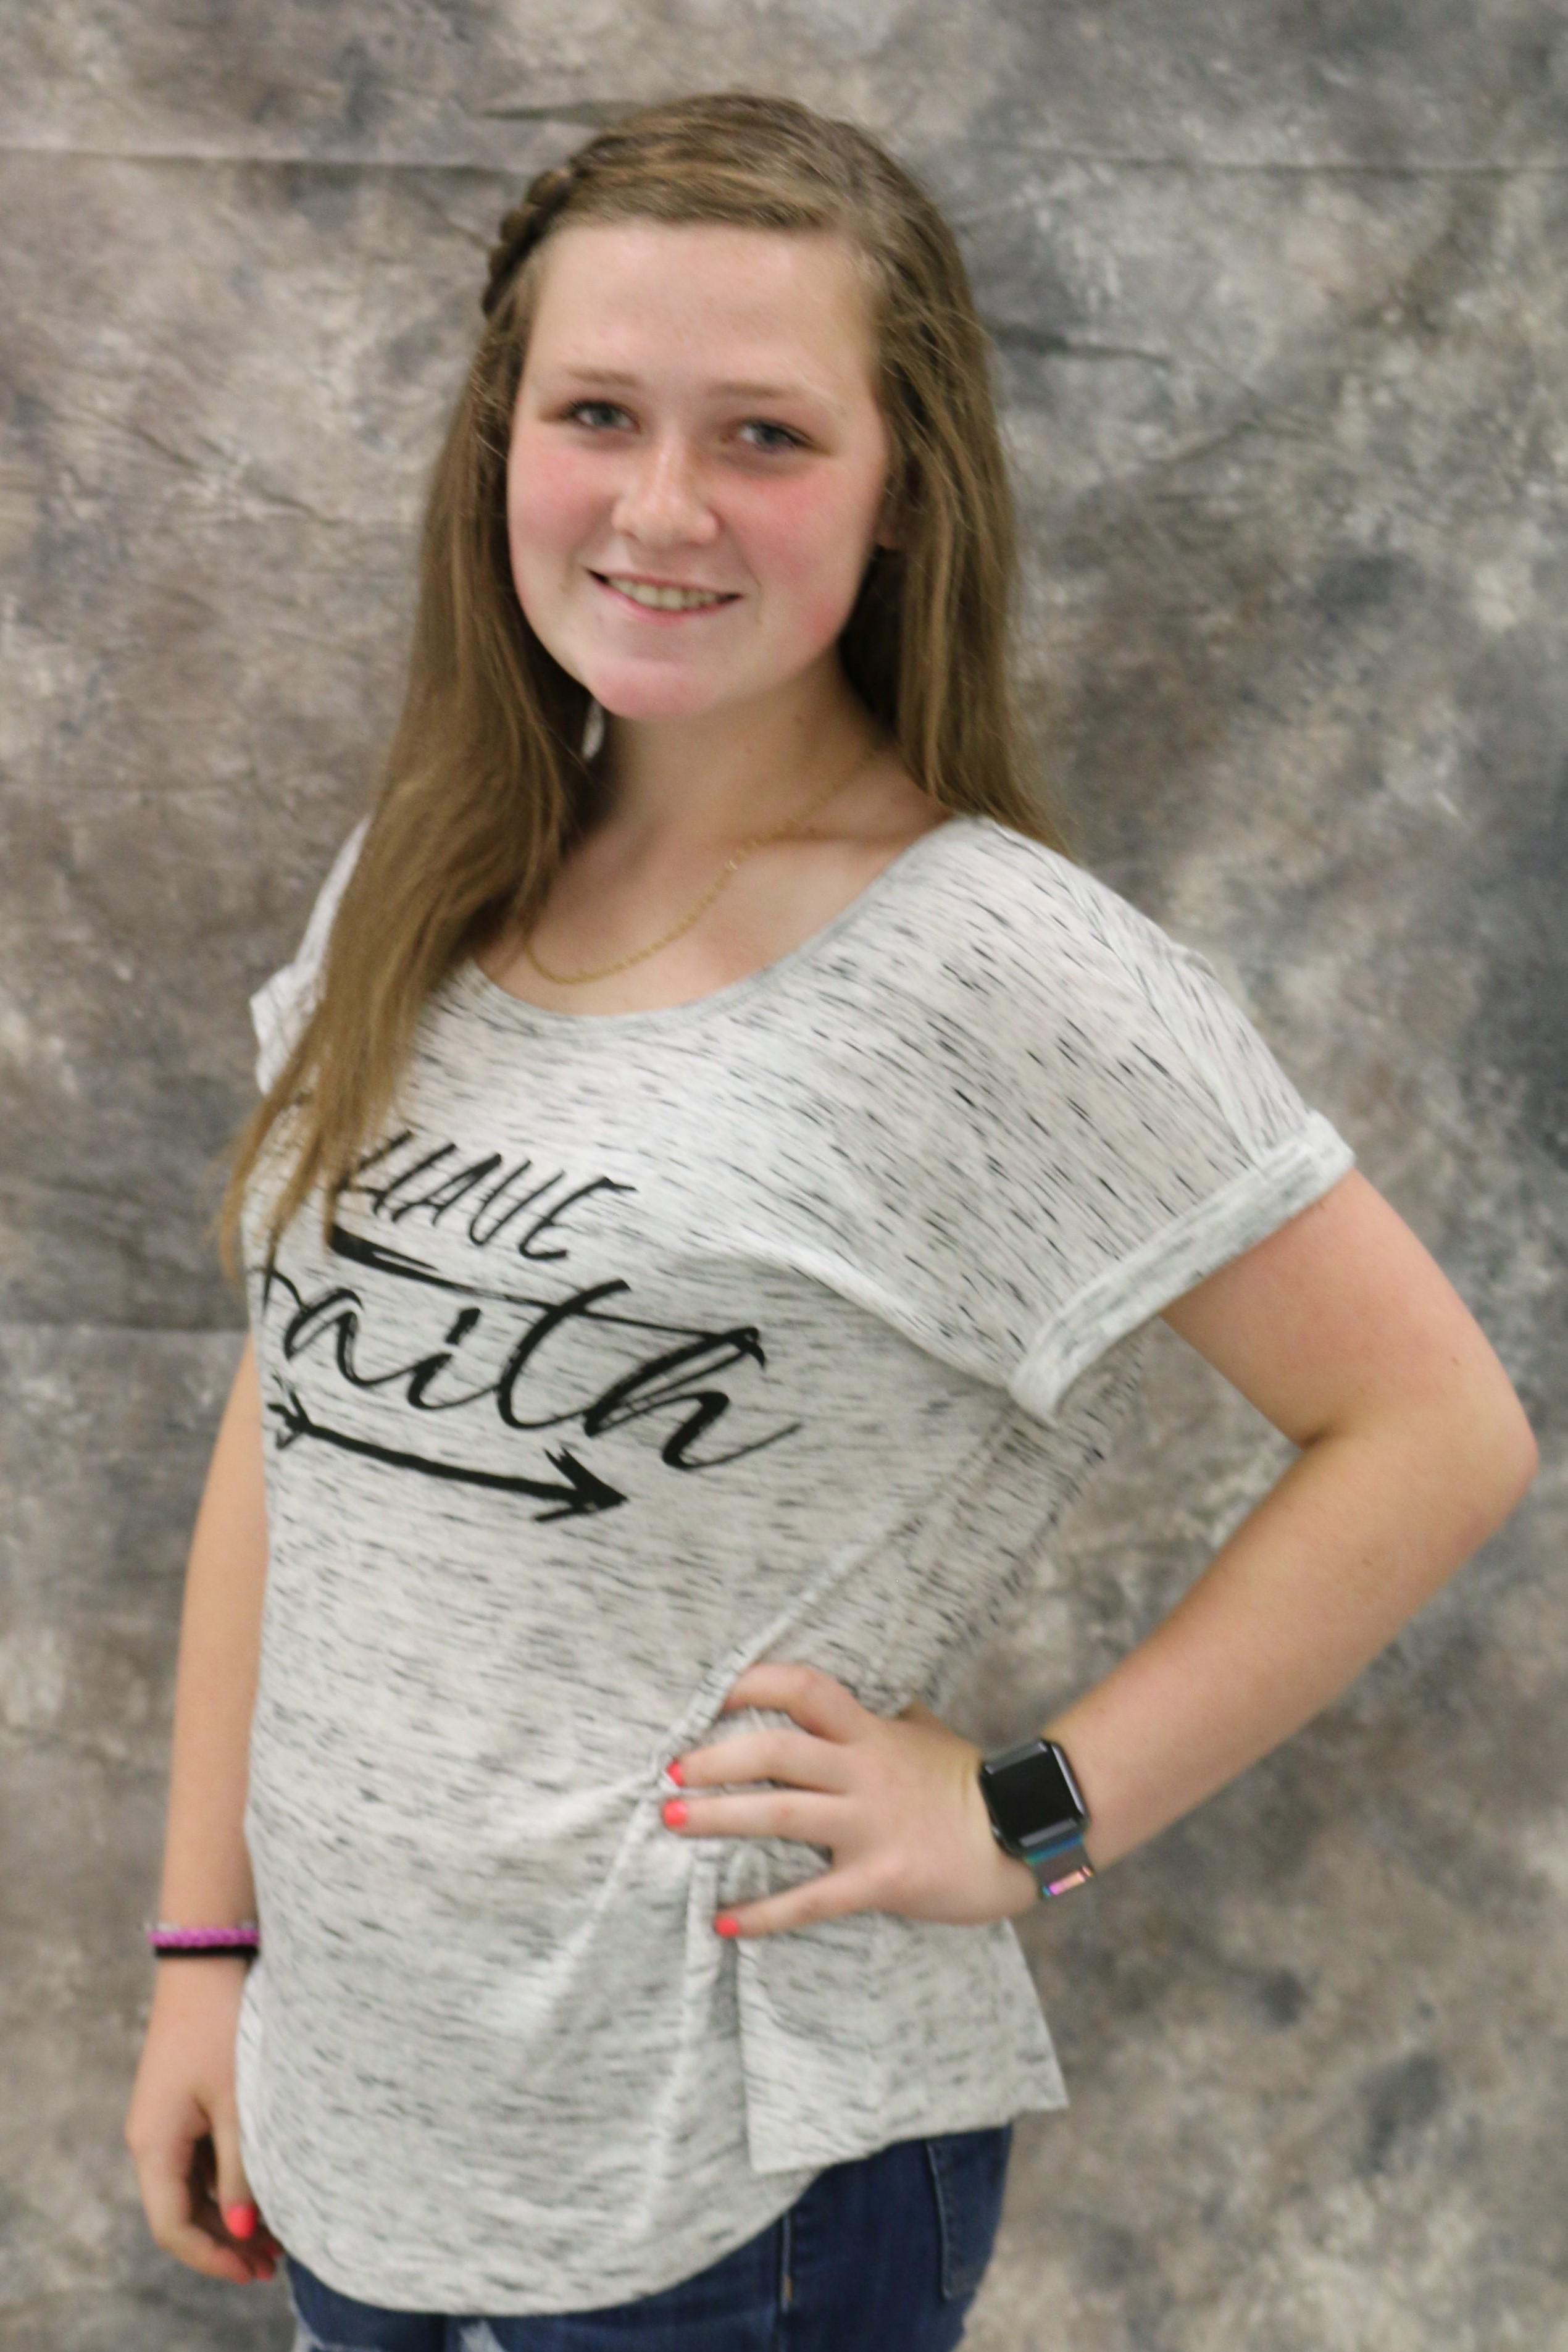 Jr Miss 12-15 Contestant - Allie Pruiett 15